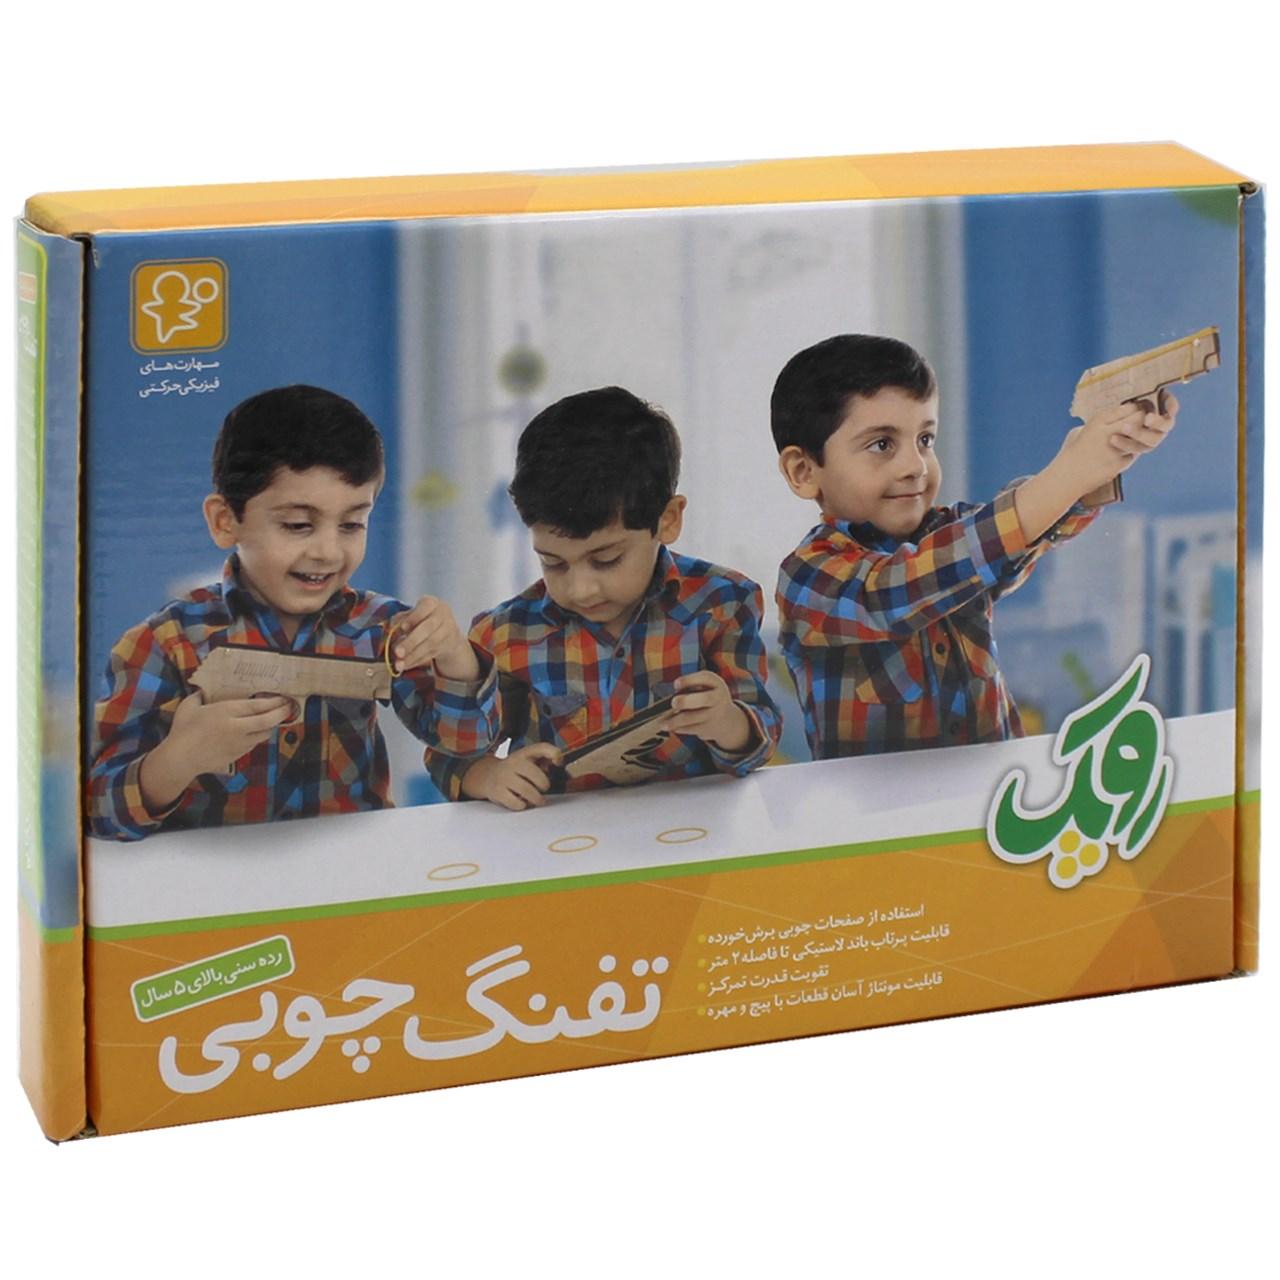 بازی آموزشی چوبین مدل تفنگ چوبی